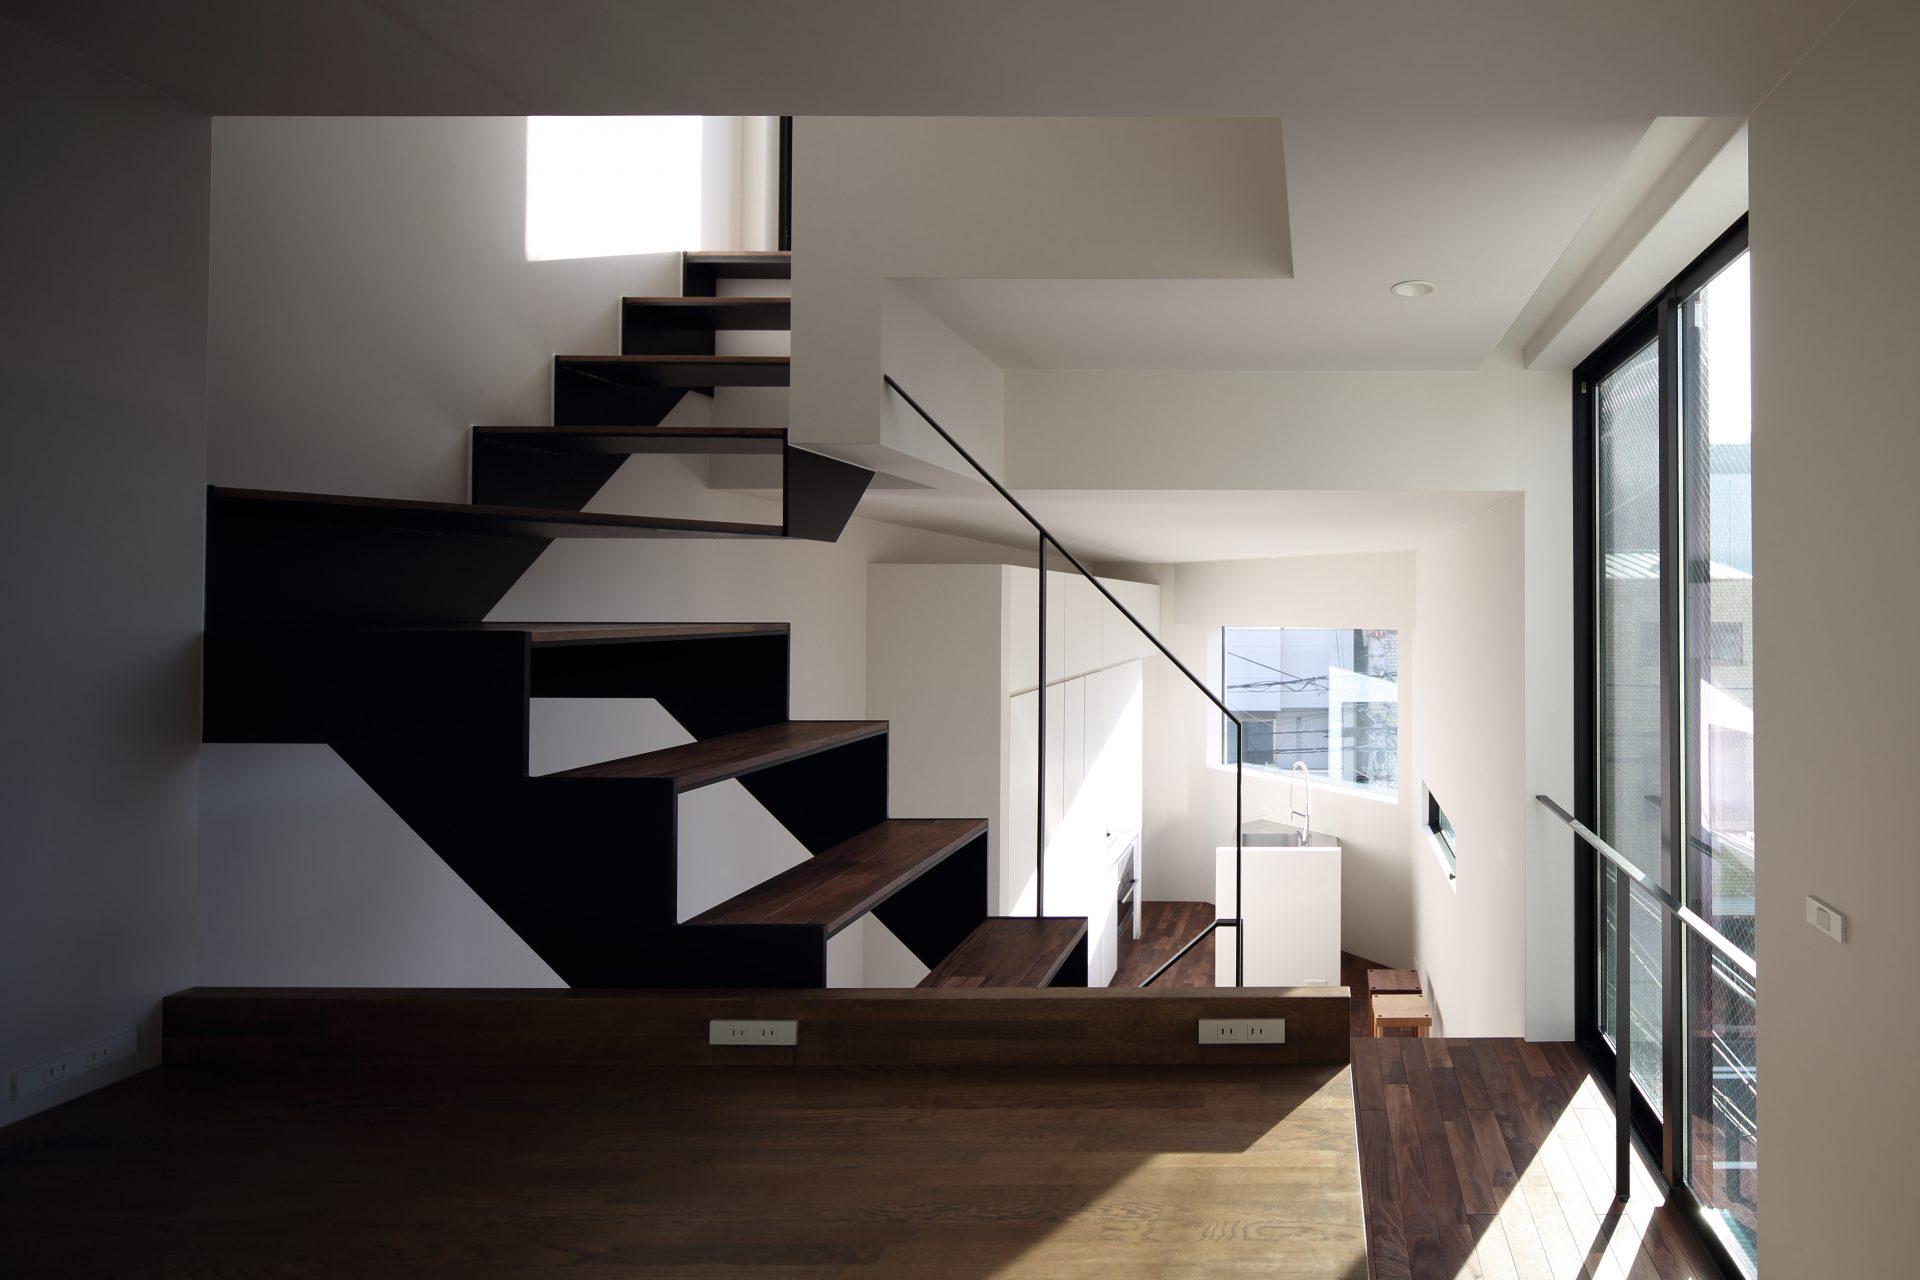 大阪上本町の小さな家の階段03